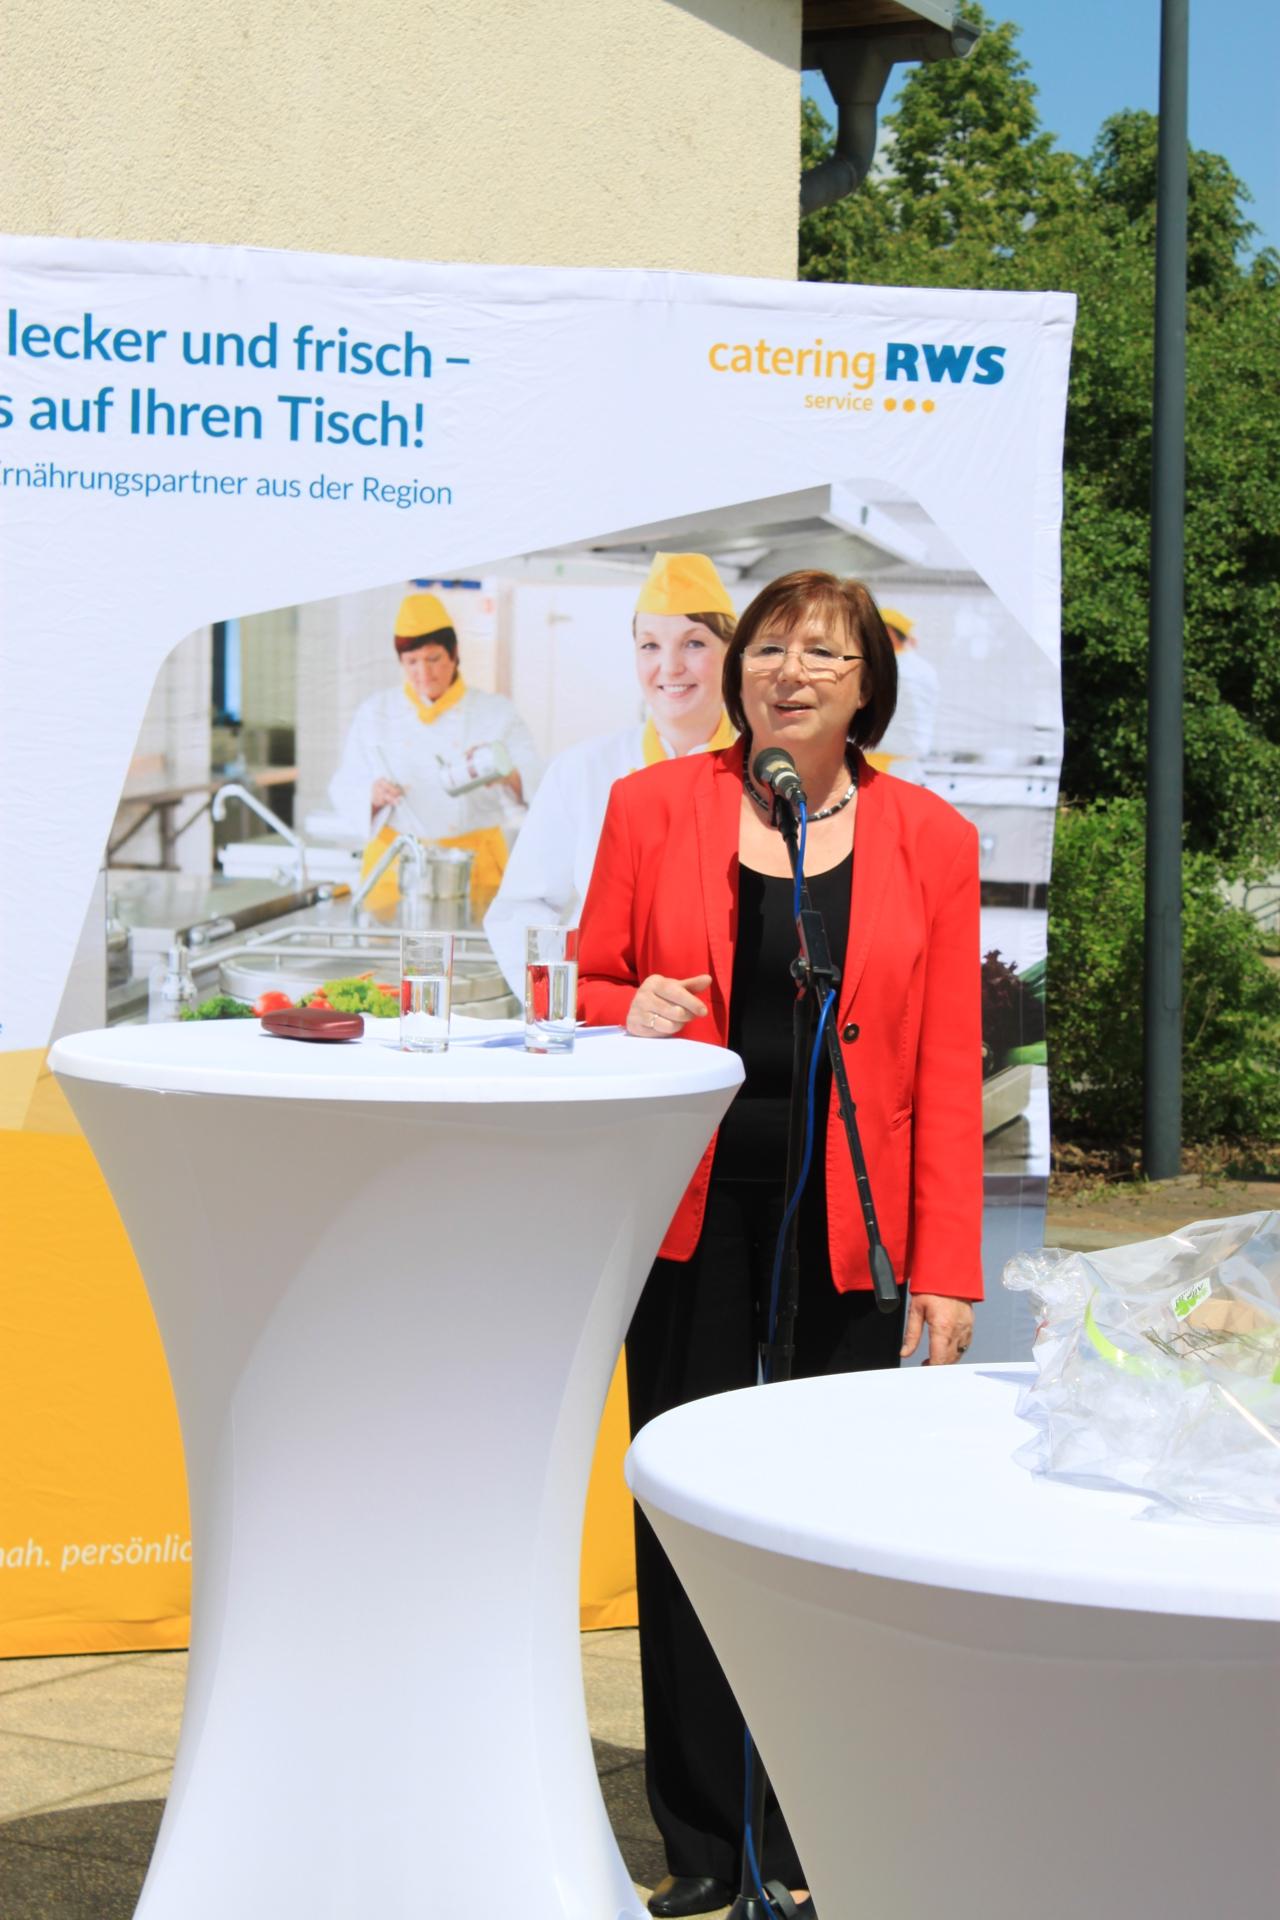 Christine Biermann, Geschäftsführerin der RWS Cateringservice GmbH, begrüßt Kunden, Interessenten, Anwohner und Baupartner zur feierliichen Eröffnung der neuen RWS-Küche in Borna.